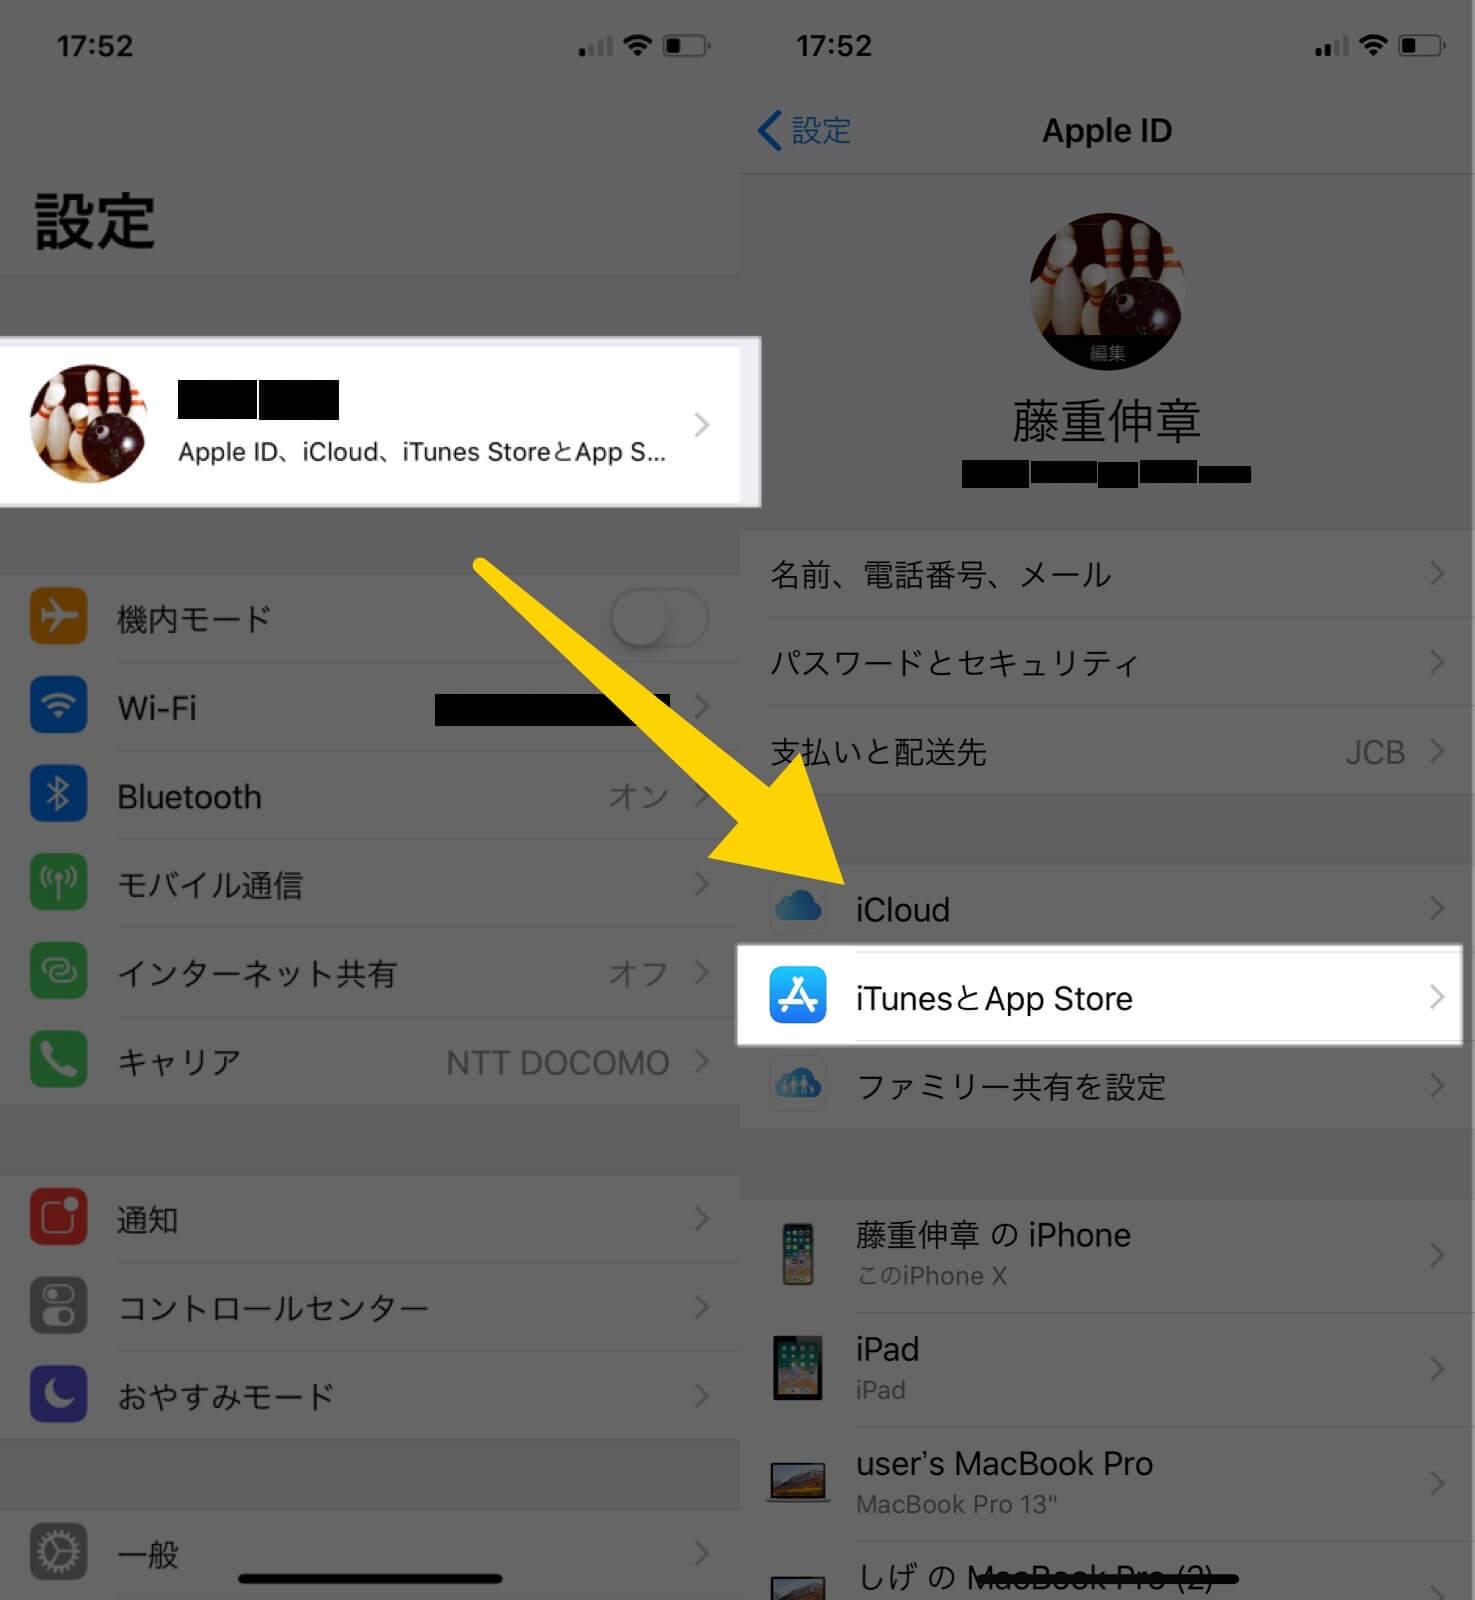 アカウントから【iTunesとApp Store】を選択